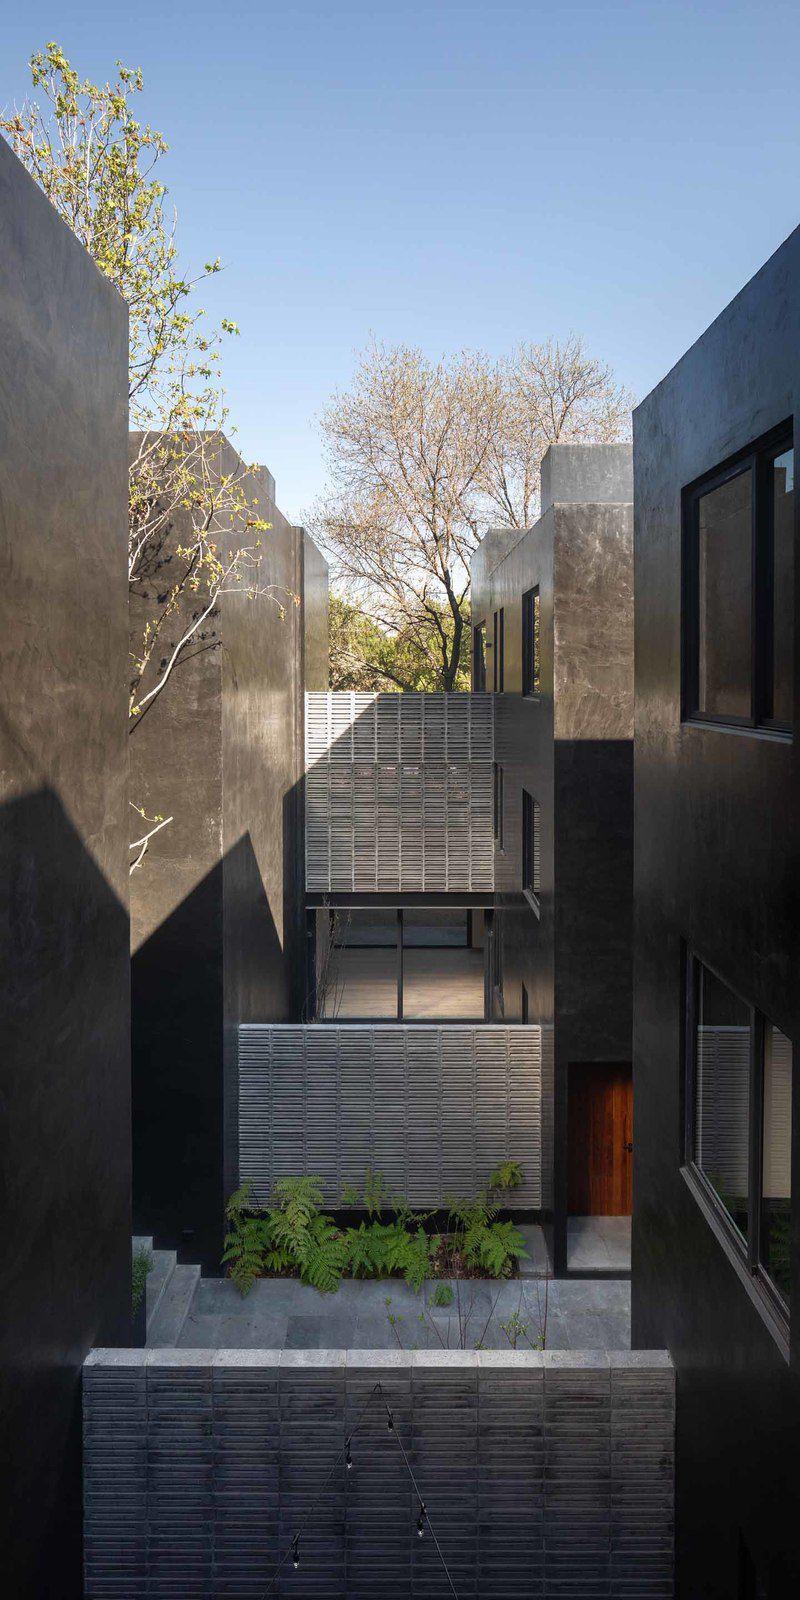 CARRIZAL HOUSING, IN CIUDAD DE MEXICO BY PÉREZ PALACIOS ARQUITECTOS ASOCIADOS (PPAA)